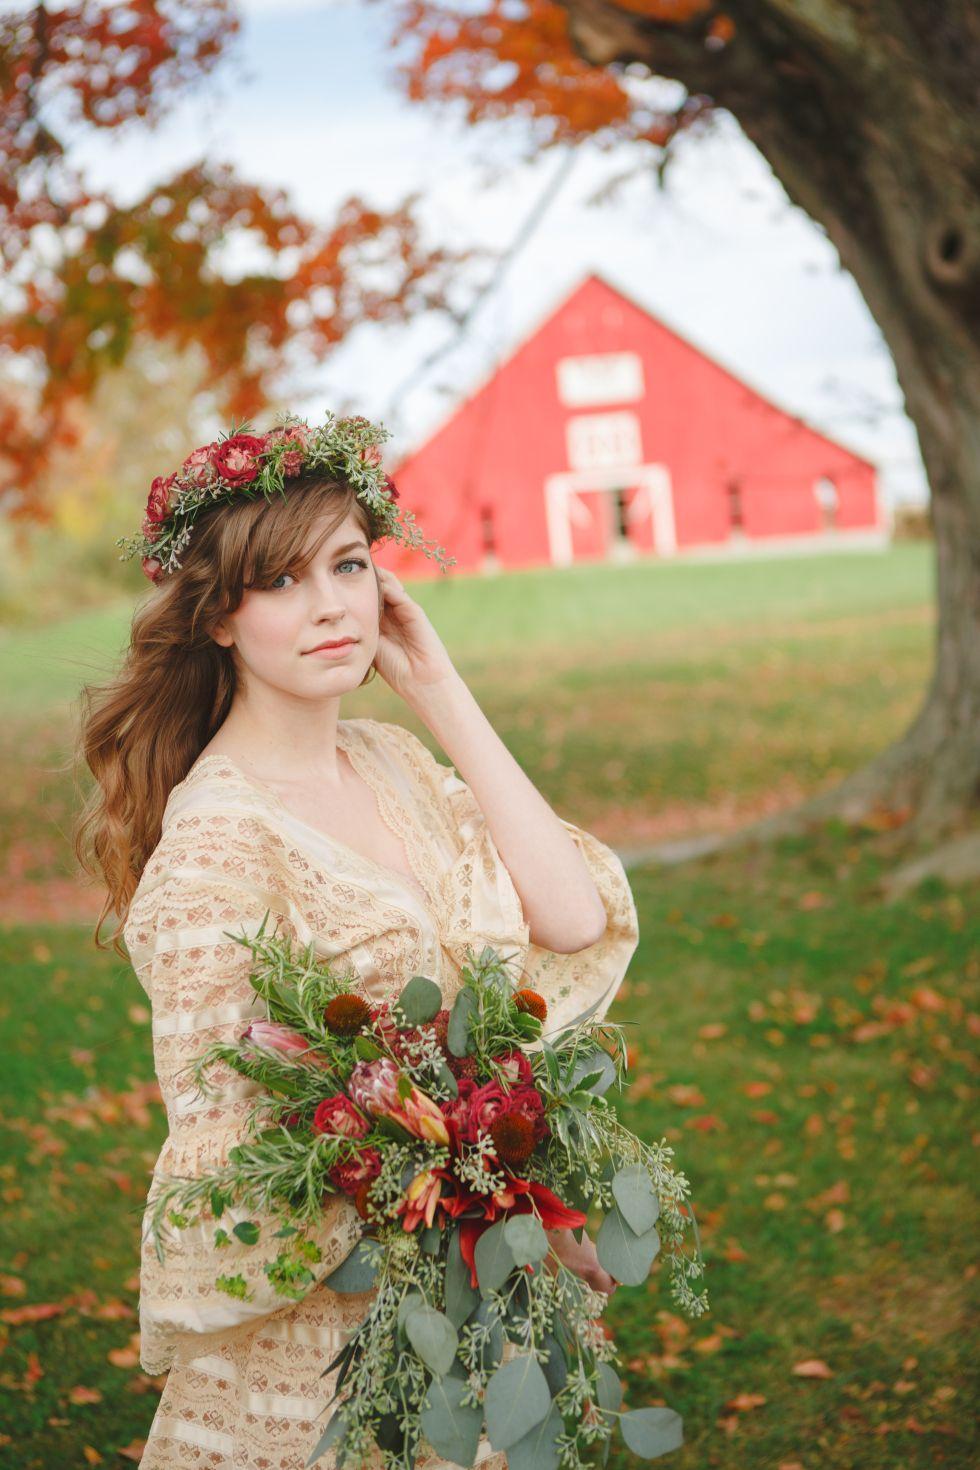 For The Love Of Fall Flower Girl Dresses Wedding Dresses Fall